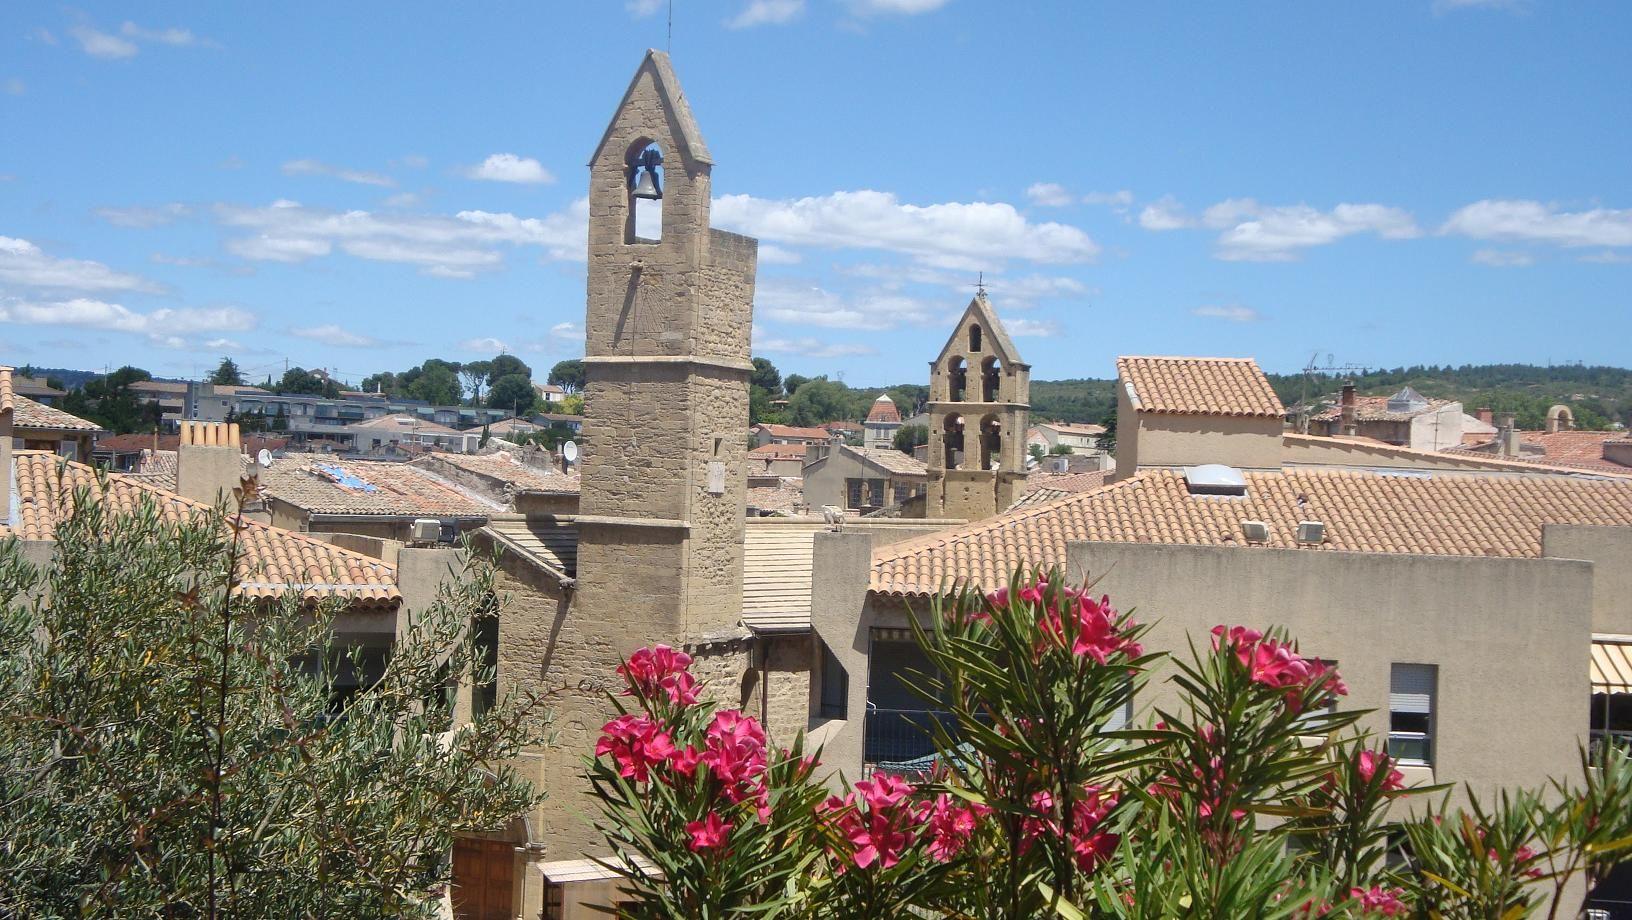 Salon de provence tourisme pinterest for Salon de provence